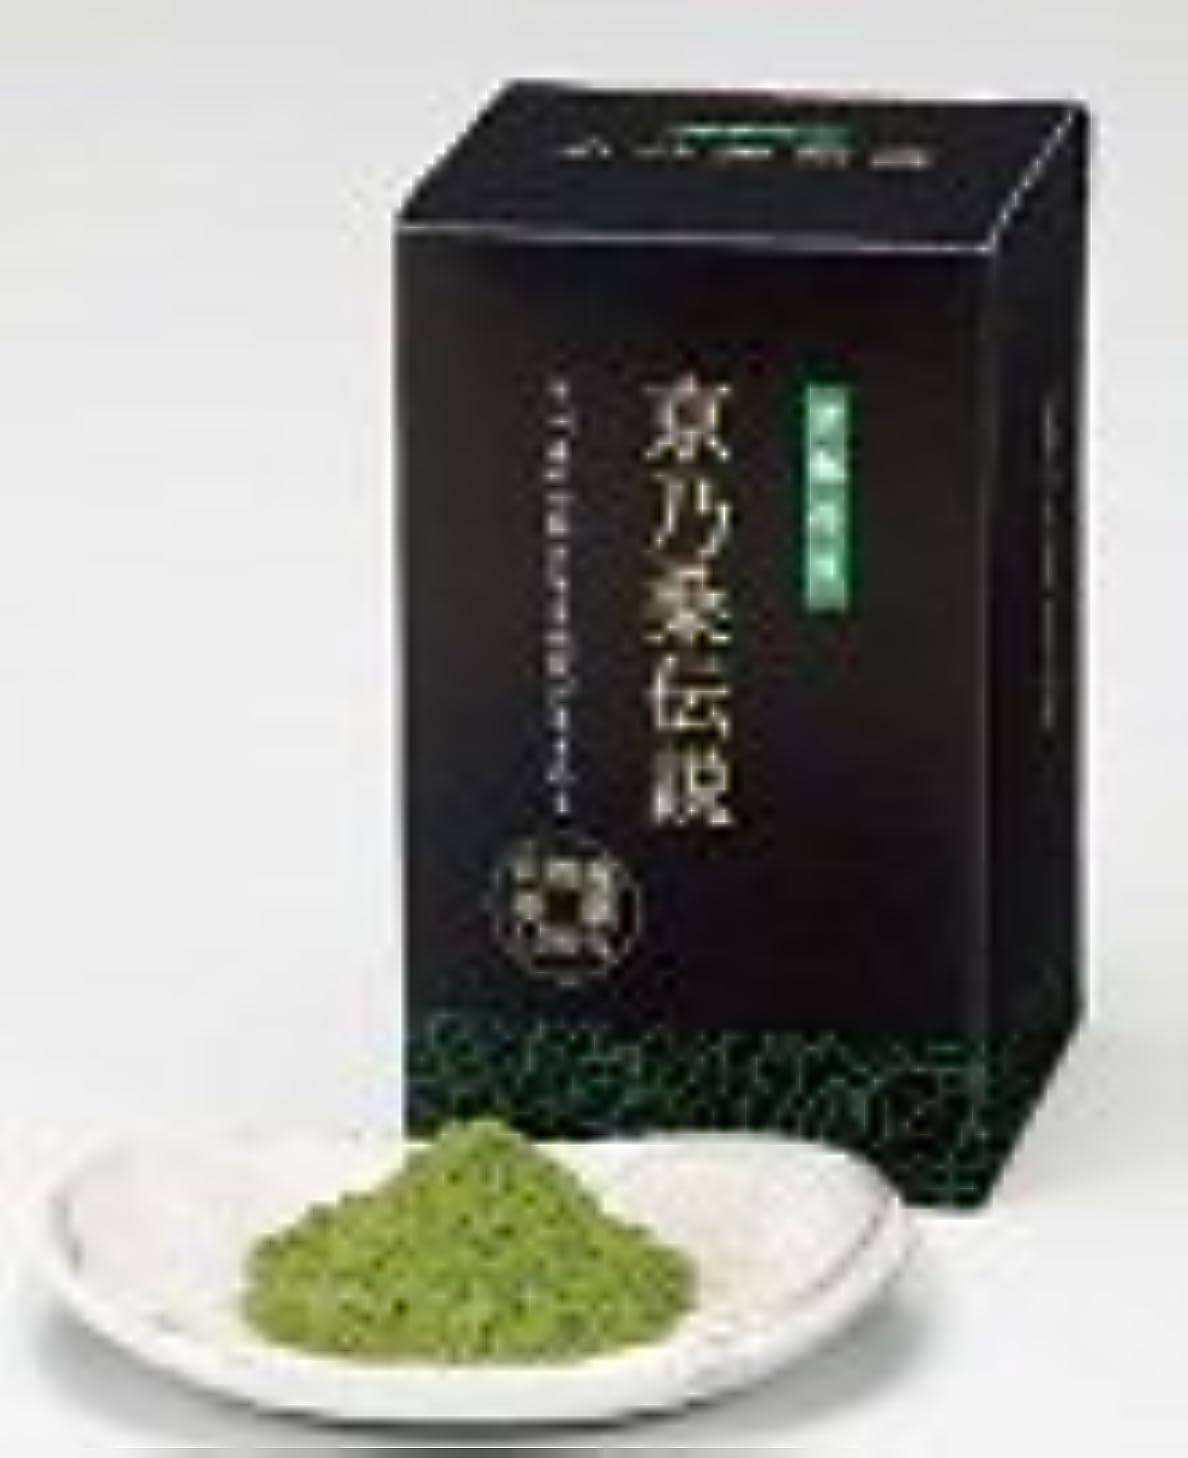 レジ磁石不屈京乃桑伝説(桑の葉粉茶、青汁)30袋入り 2箱まとめ買い